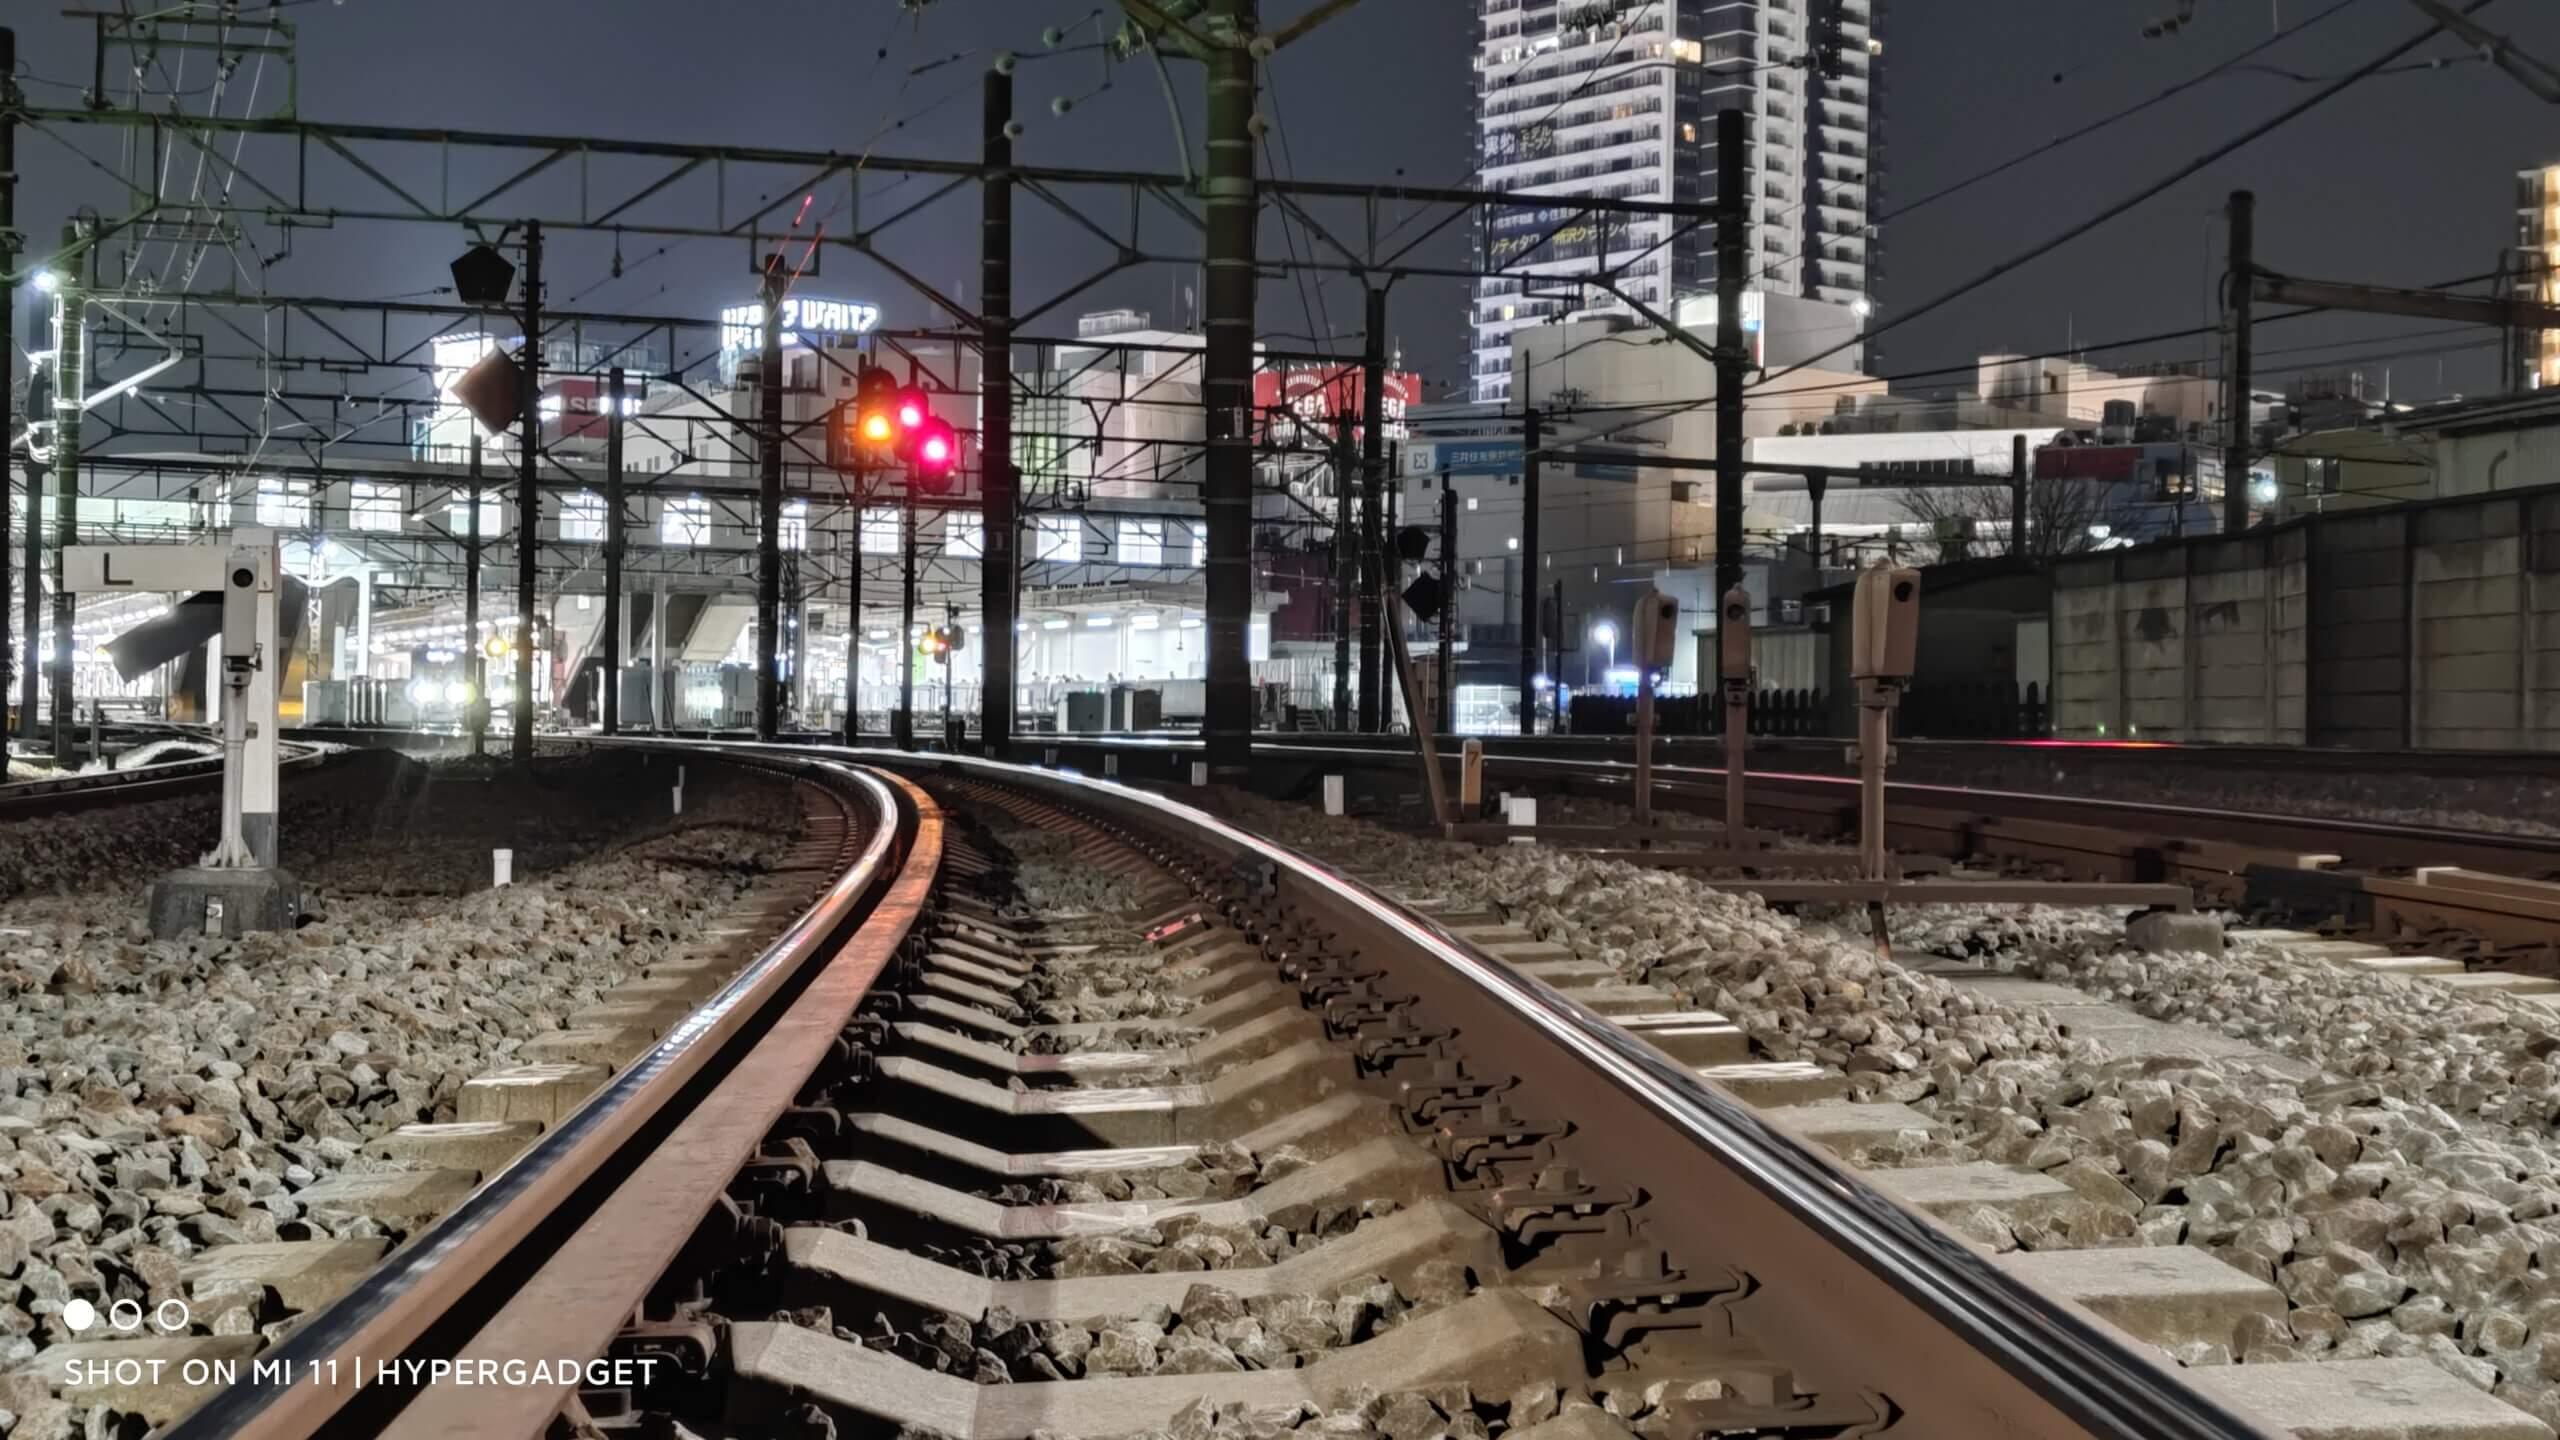 Xiaomi Mi 11で撮影した鉄道の写真